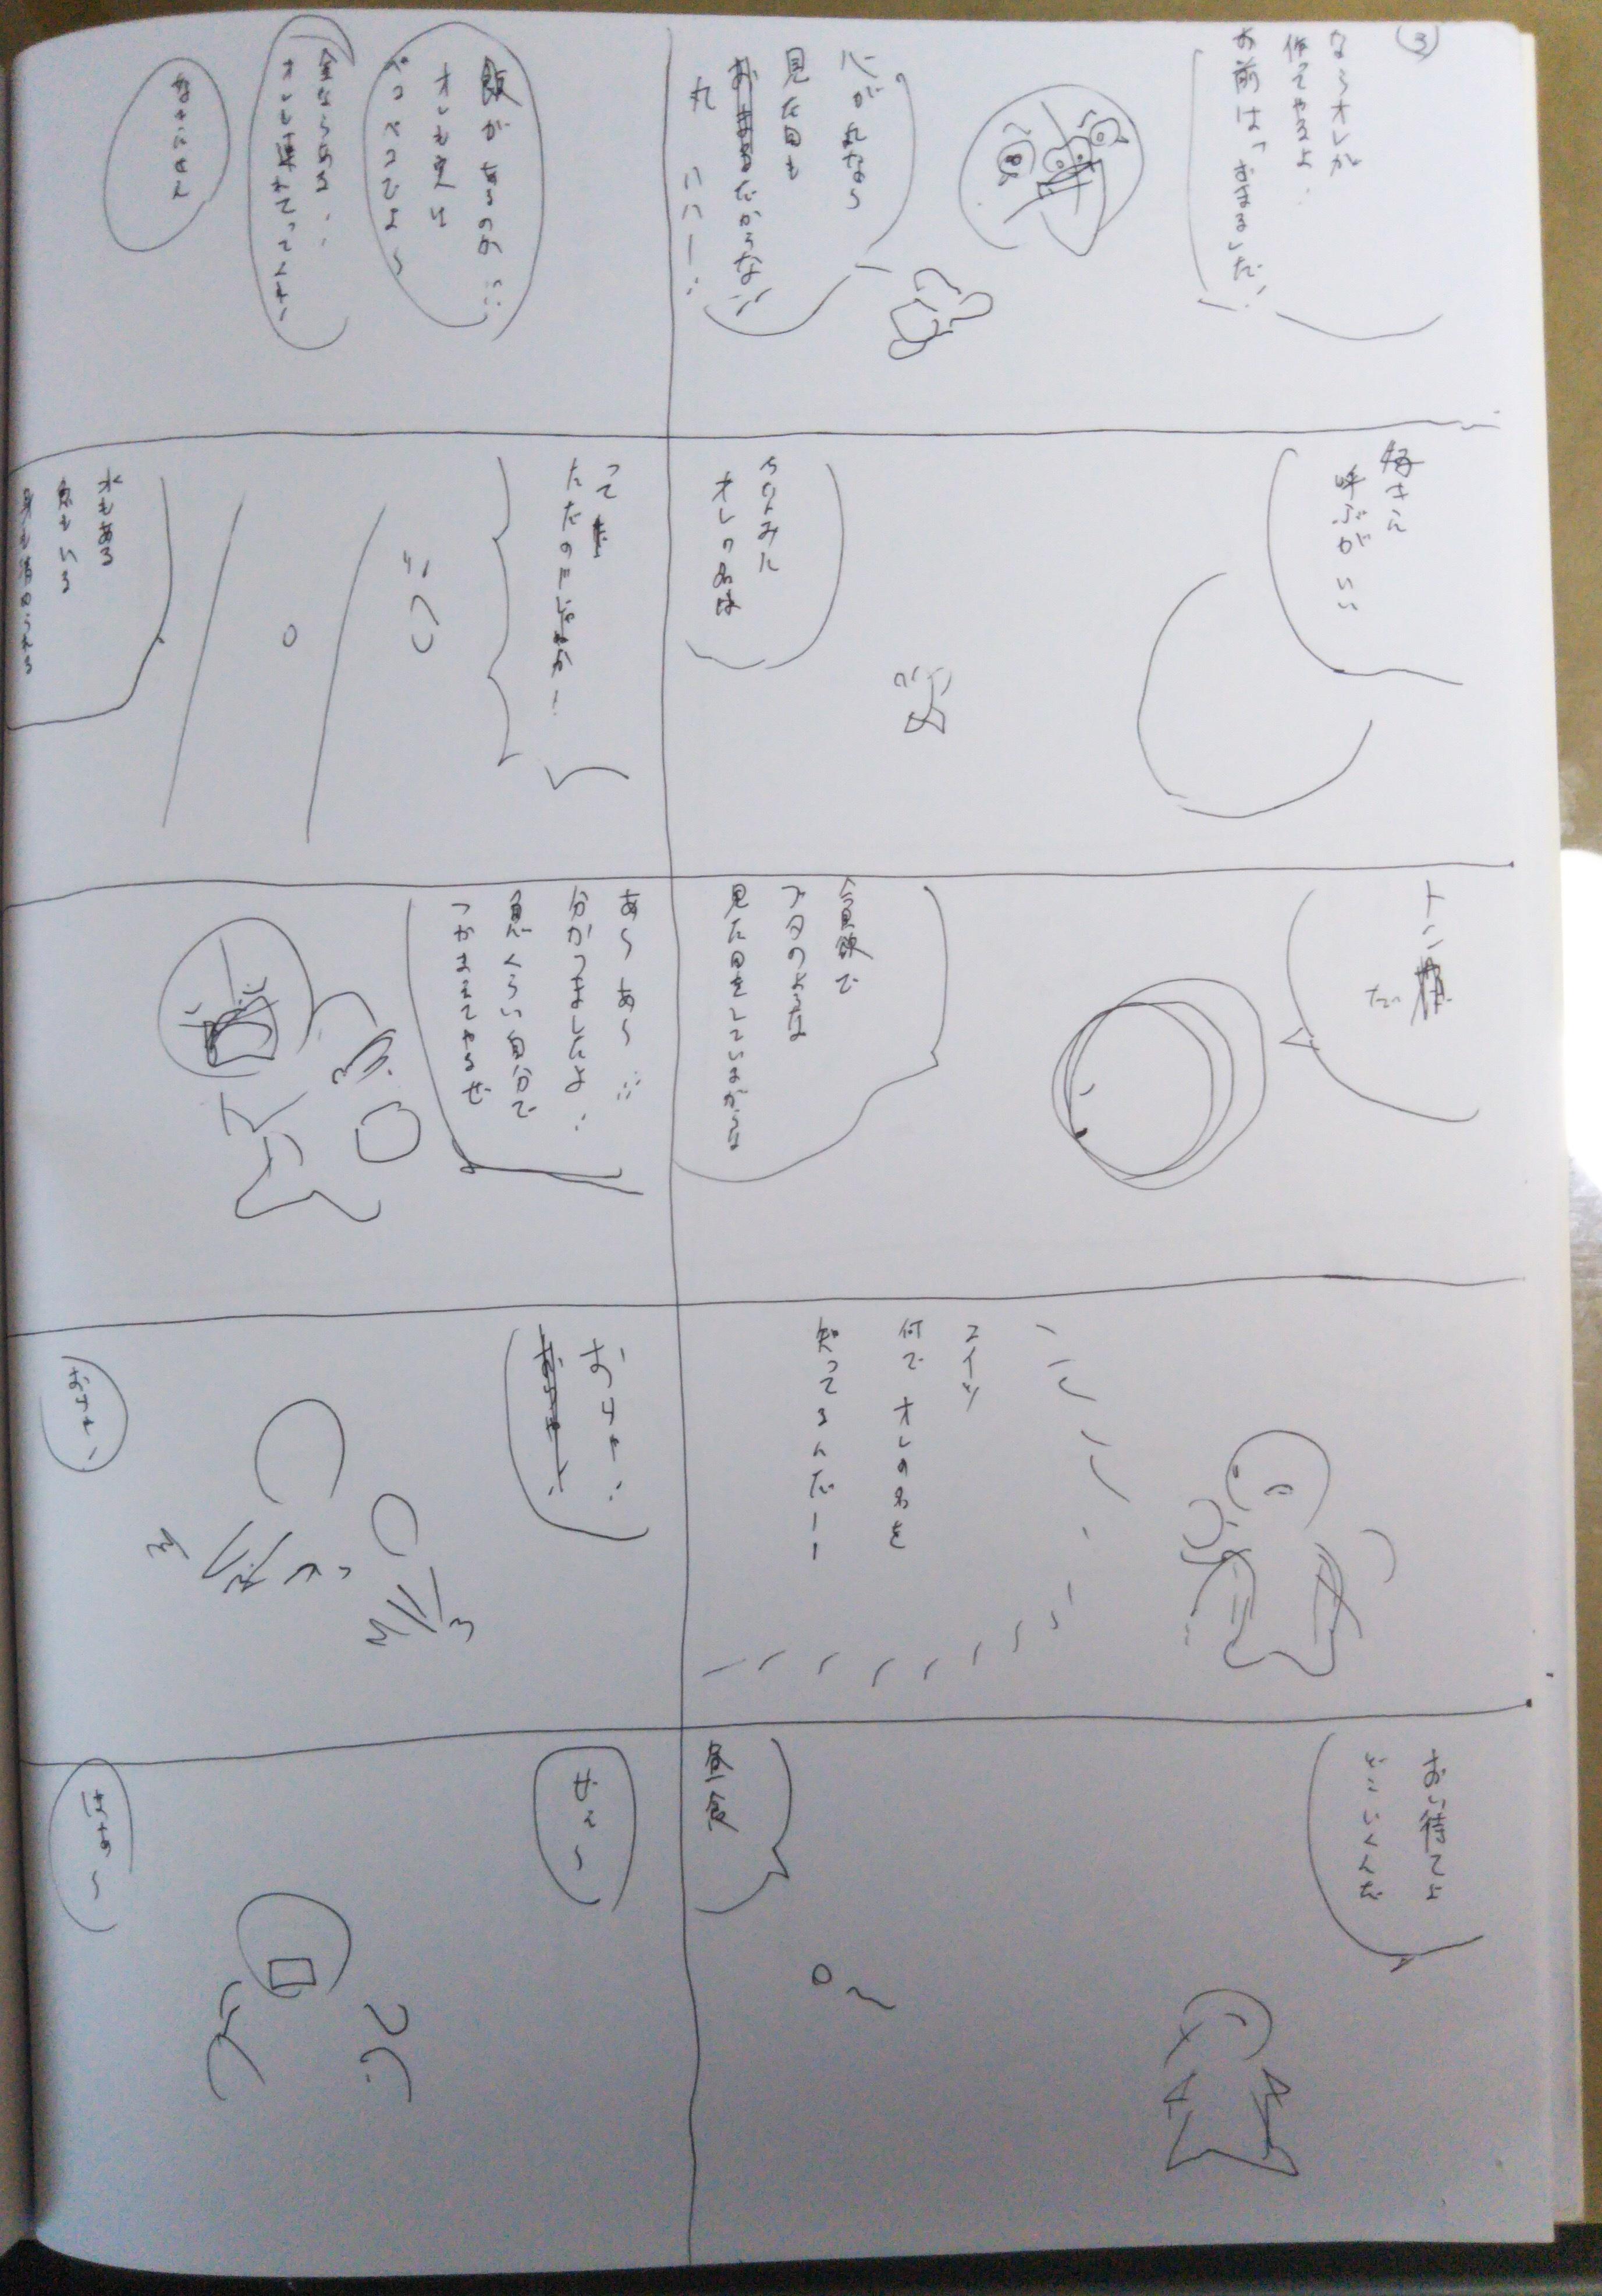 トン話・絵コンテ①